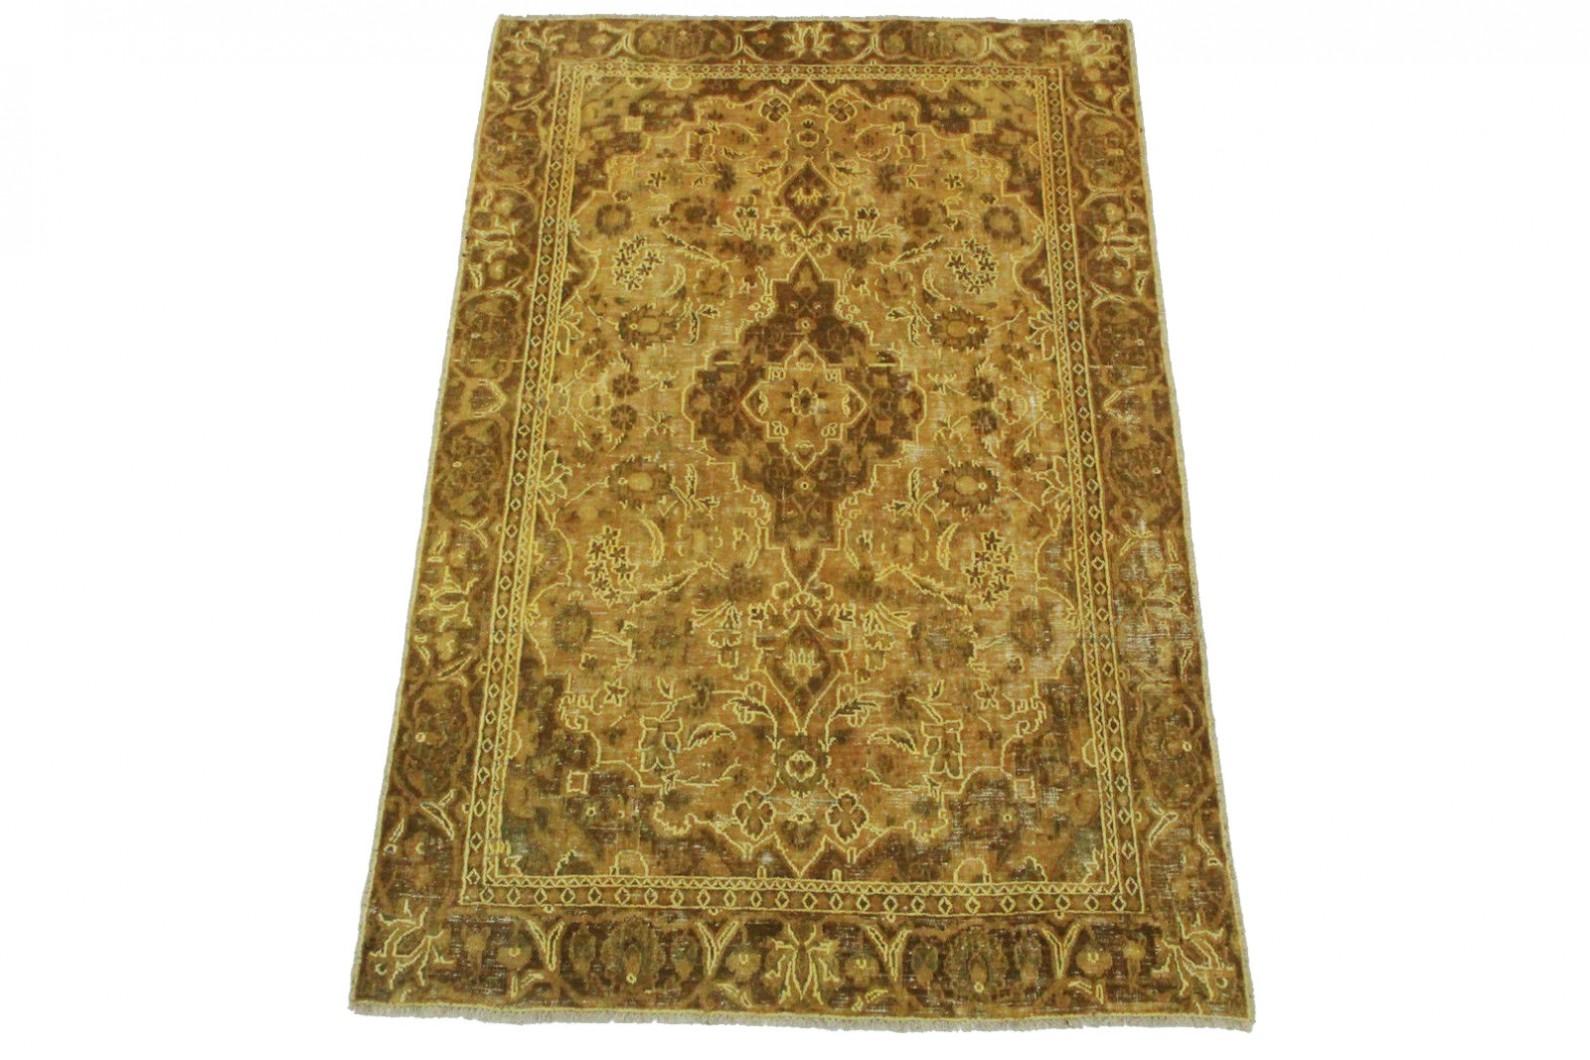 vintage teppich braun sand in 190x120cm 1001 3487 bei kaufen. Black Bedroom Furniture Sets. Home Design Ideas